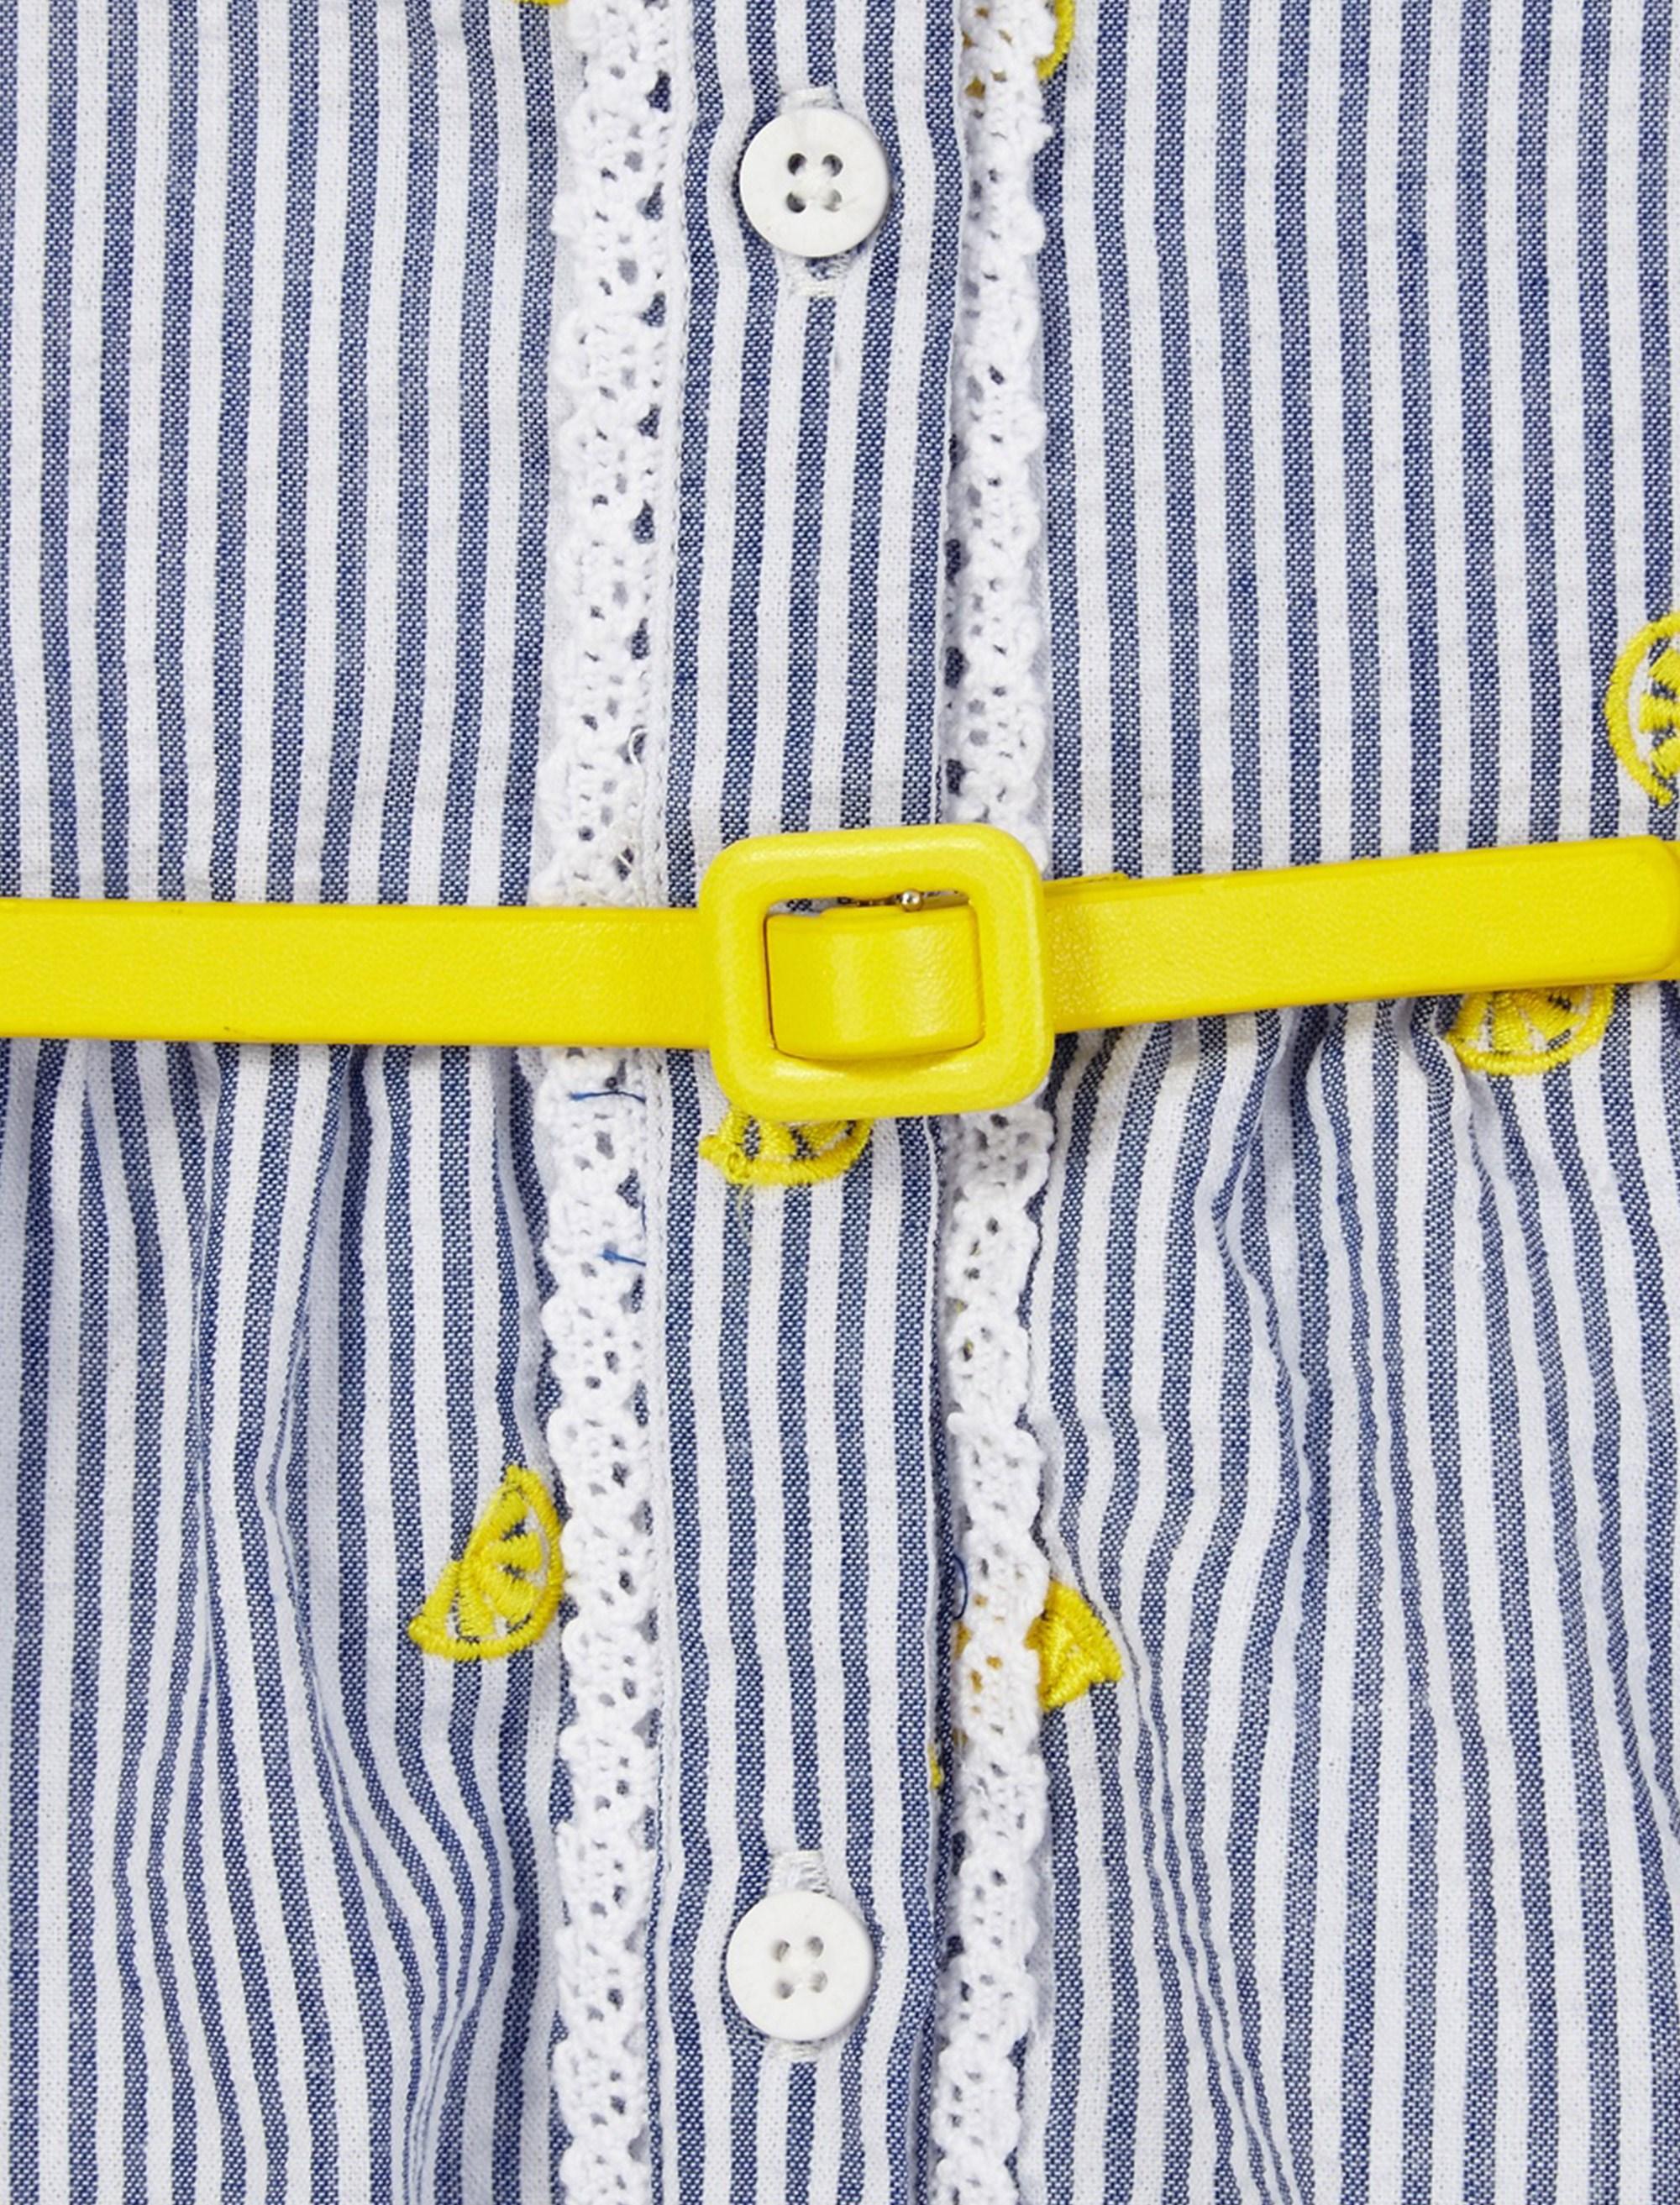 پیراهن میدی دخترانه - سفيد و آبي - 3